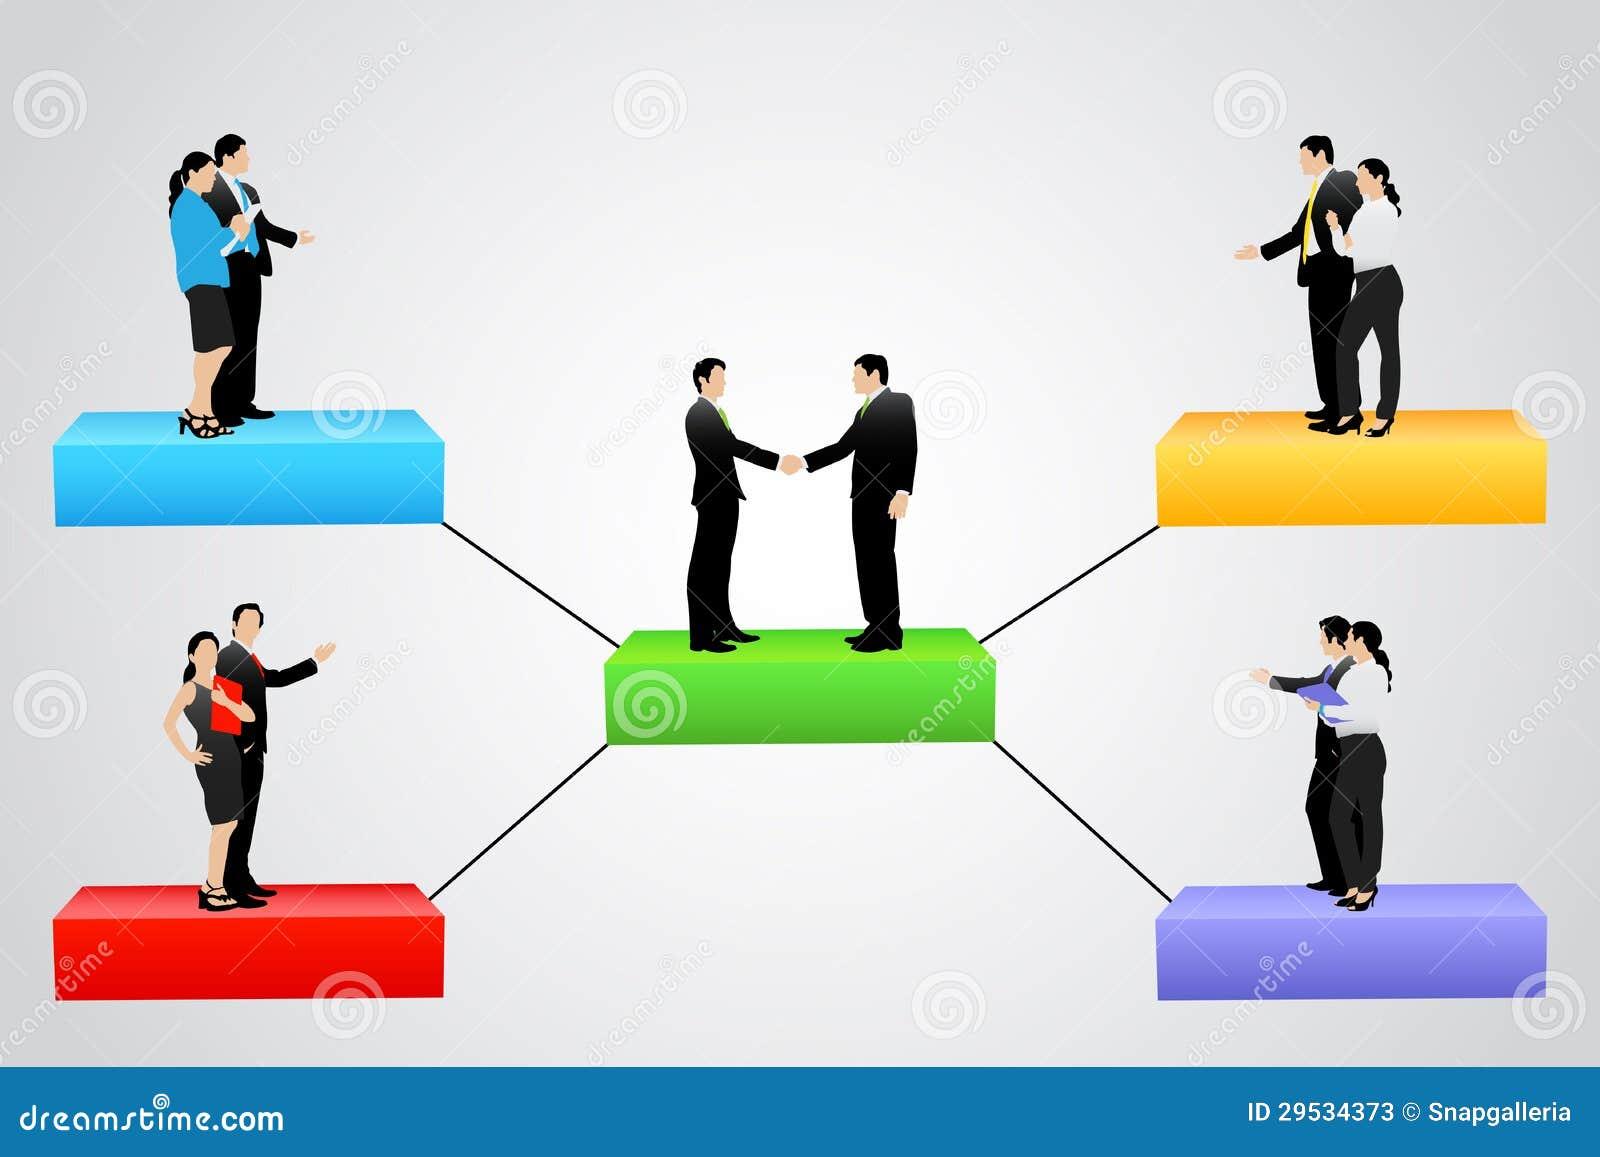 Organisation drzewo z różnym hierarchia poziomem